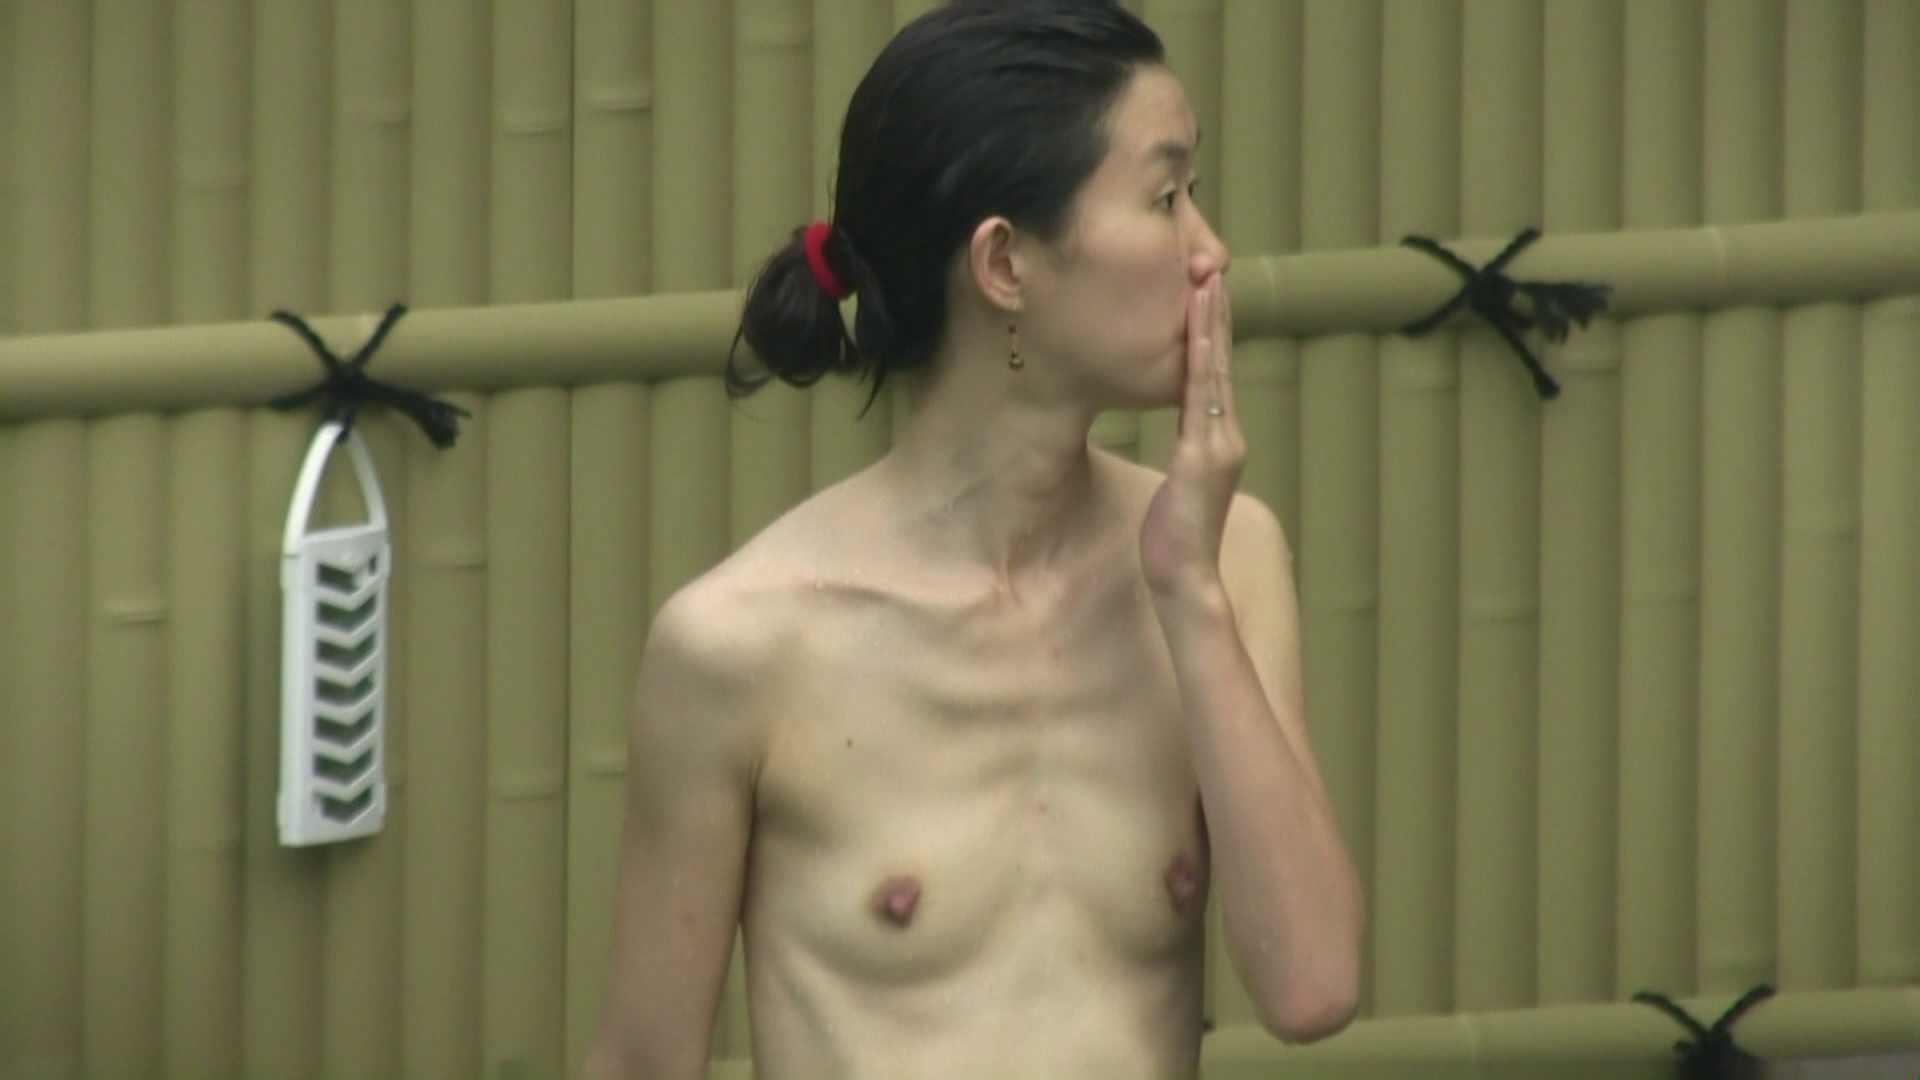 高画質露天女風呂観察 vol.031 入浴 オマンコ無修正動画無料 104PIX 34